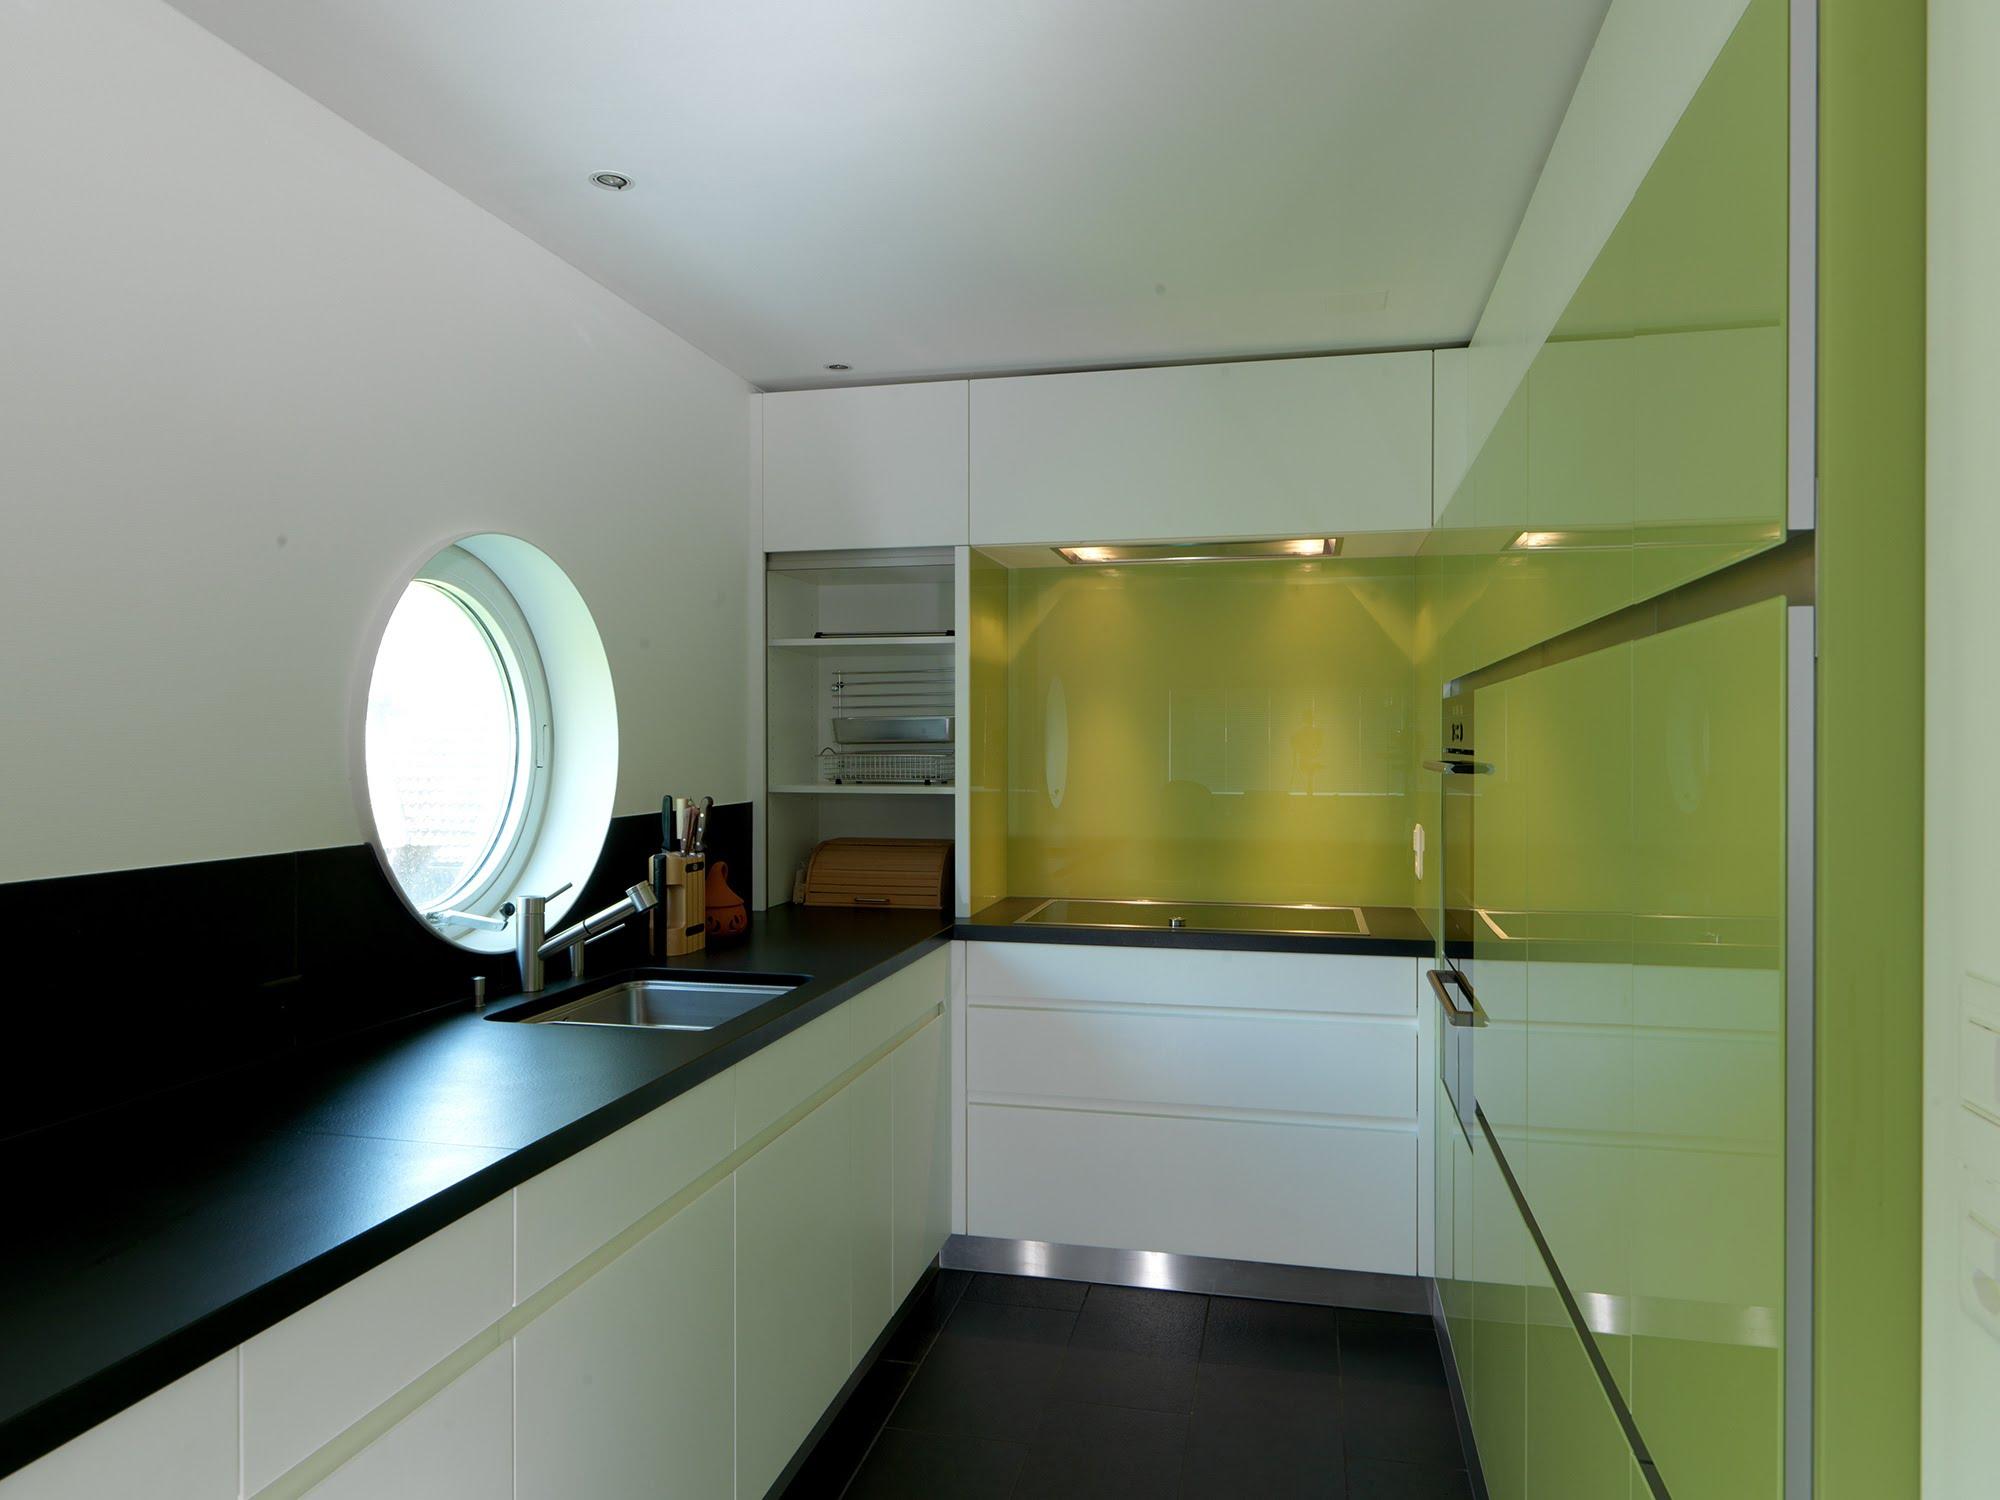 Küche als Raumskulptur - Küchen & Küchenumbau-Küchen werden immer mehr zum Ort der Begegnung - Sursee, Willisau, Aargau, Zentralschweiz, Luzern, Zofingen